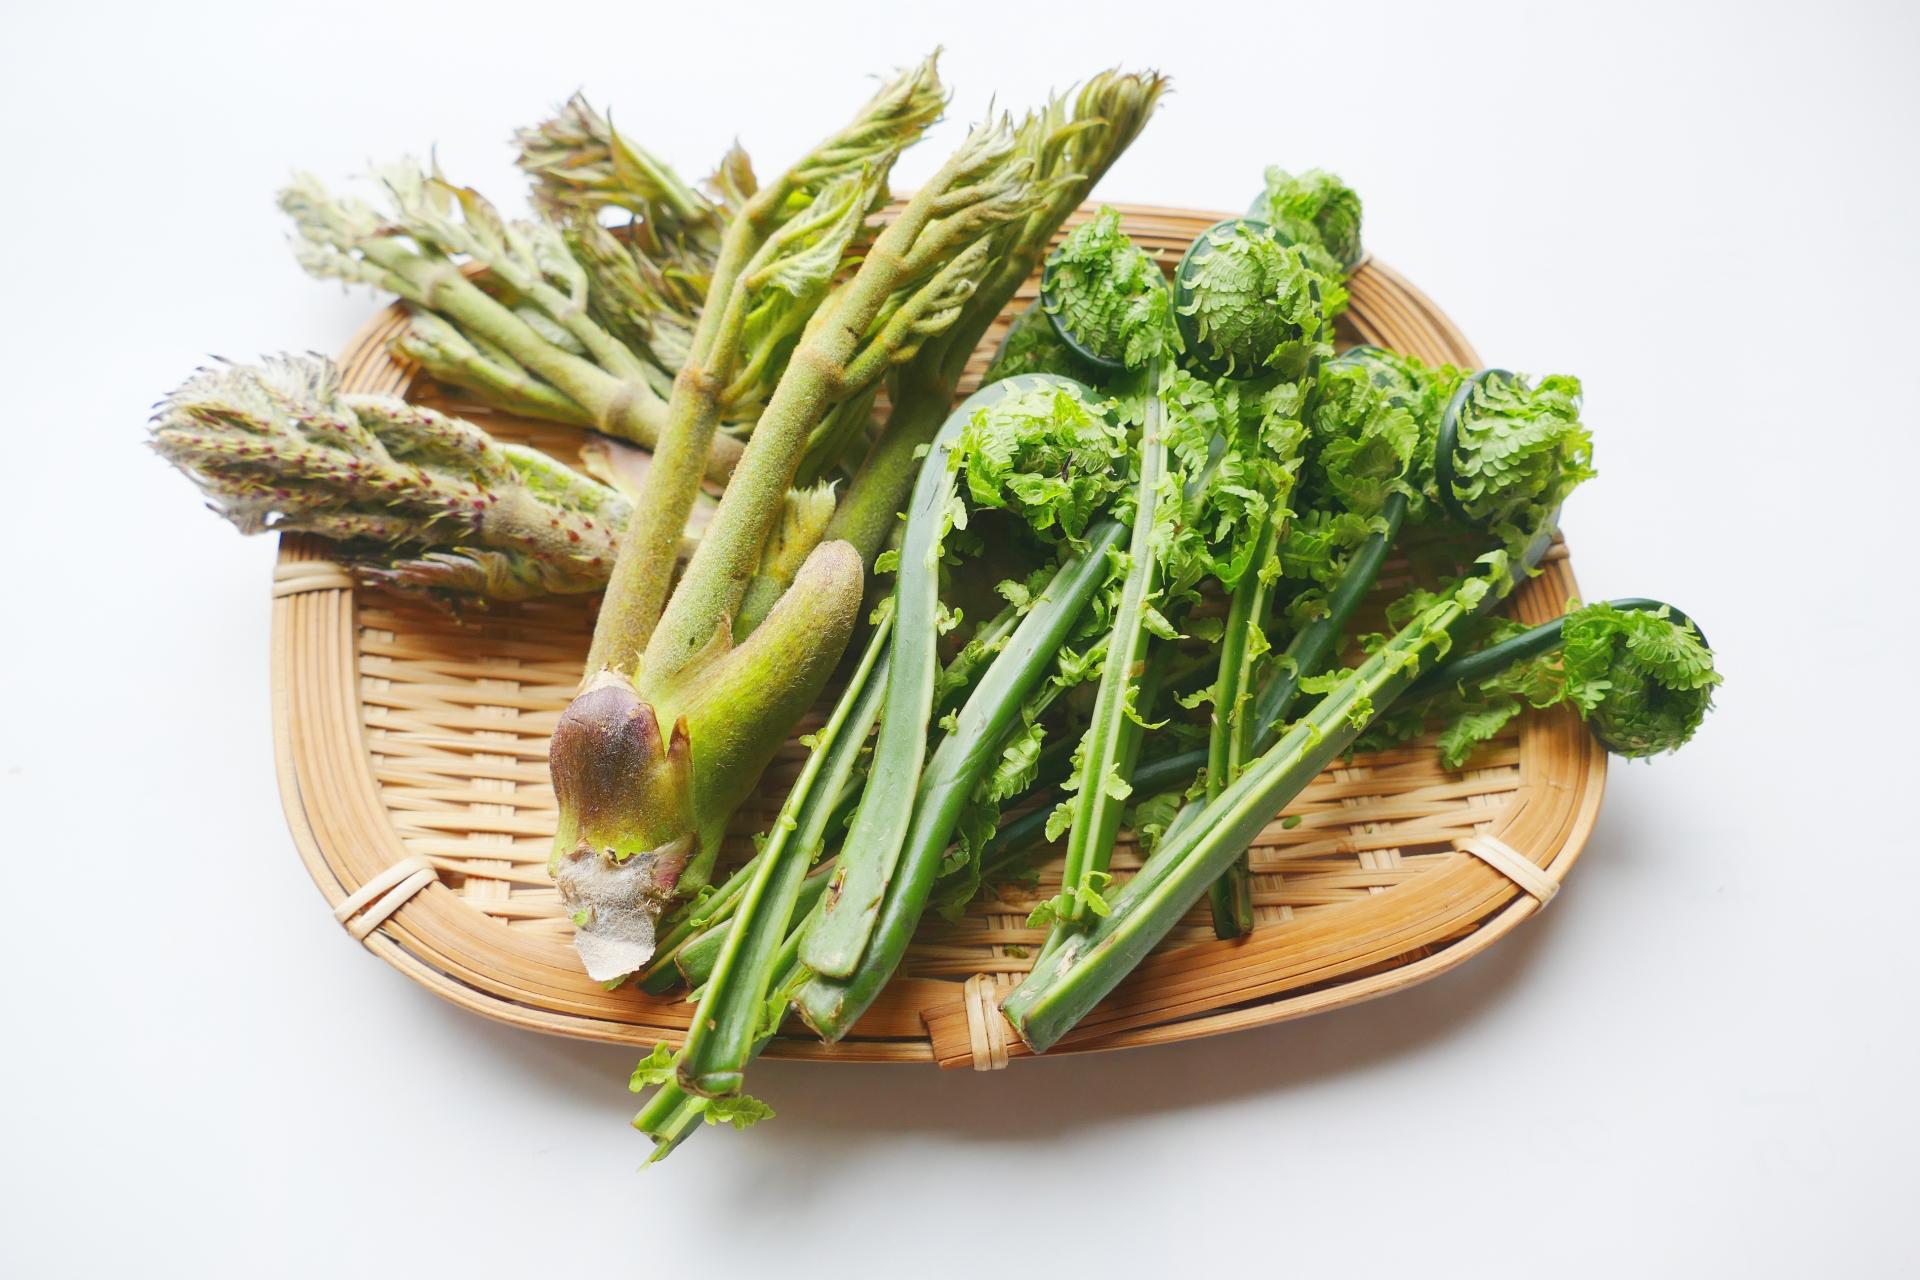 雪国で採れる春の山菜。山菜料理に合う新潟県の日本酒も紹介